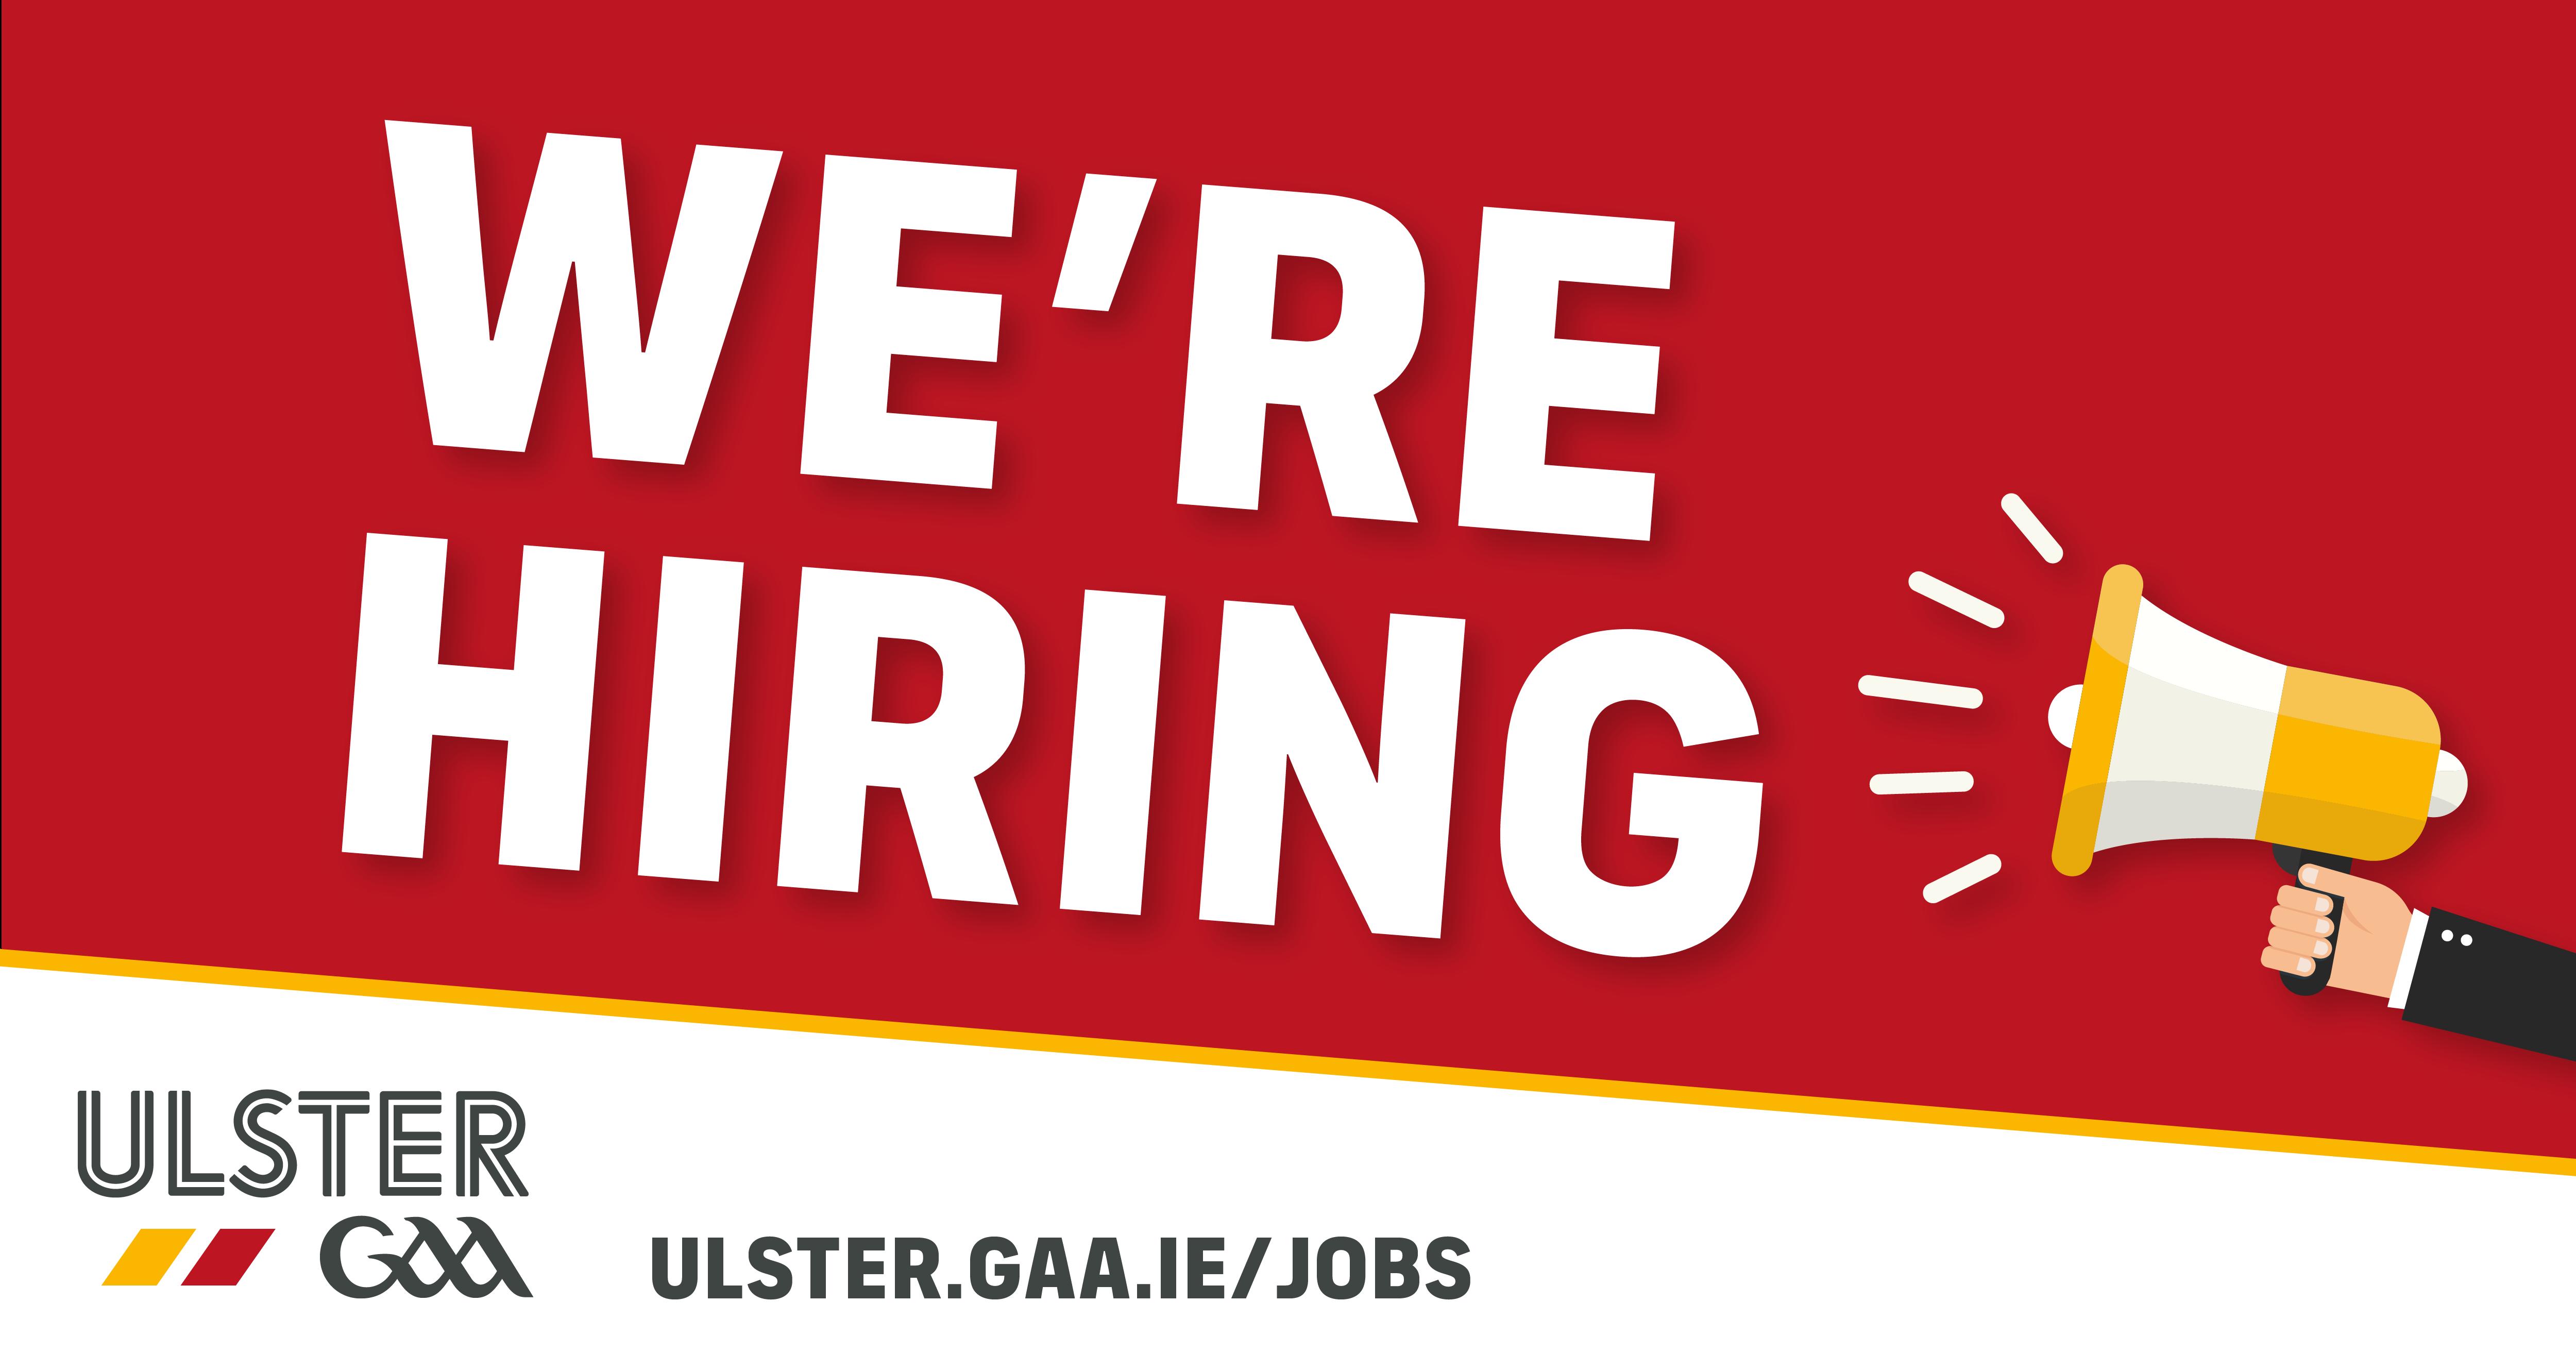 Ulster GAA - Jobs